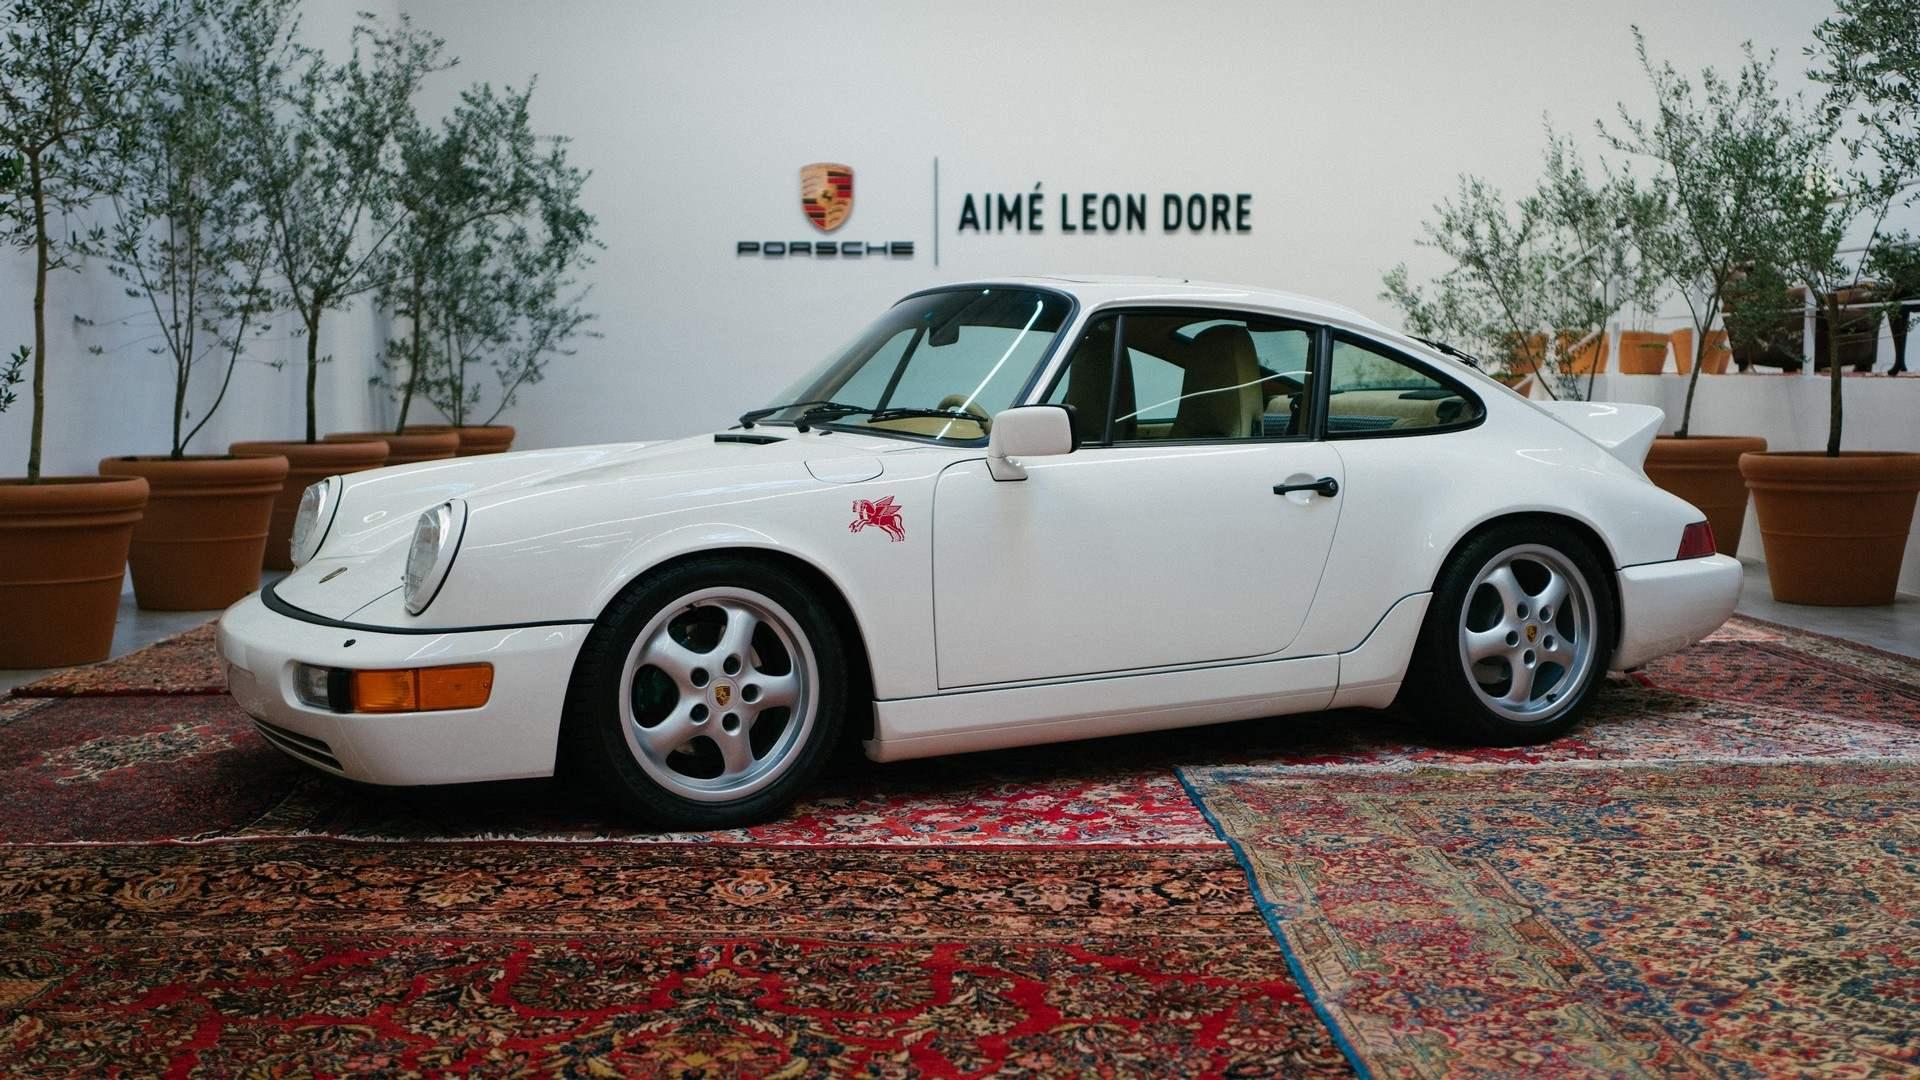 Aimé Leon Dore (ALD) crea el Porsche 911 de sus sueños